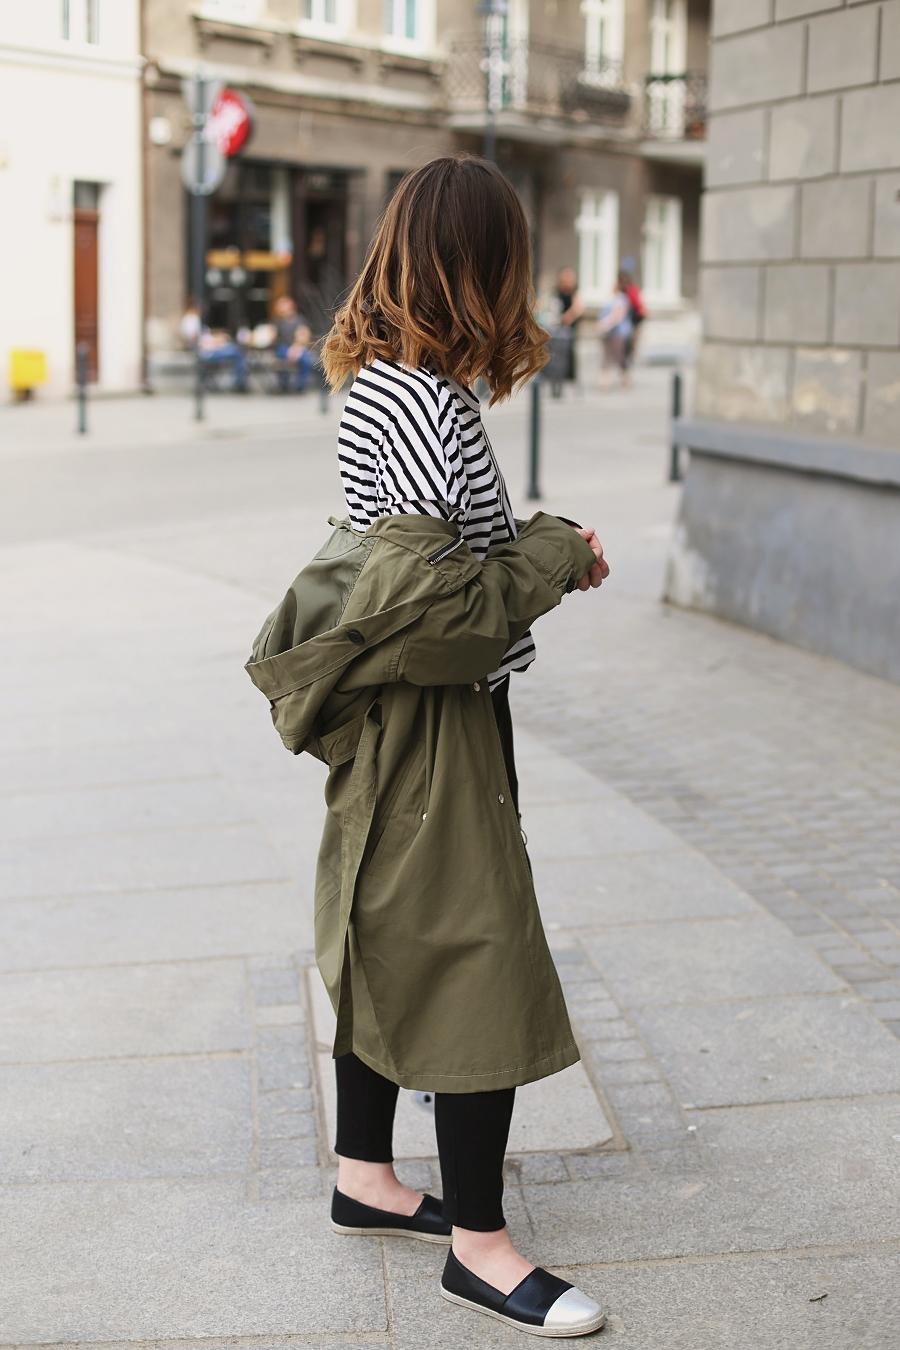 Stylizacja na majówkę - Parka, pasiak, jeansy z wysokim stanem, espadryle typu slip on - Moodo